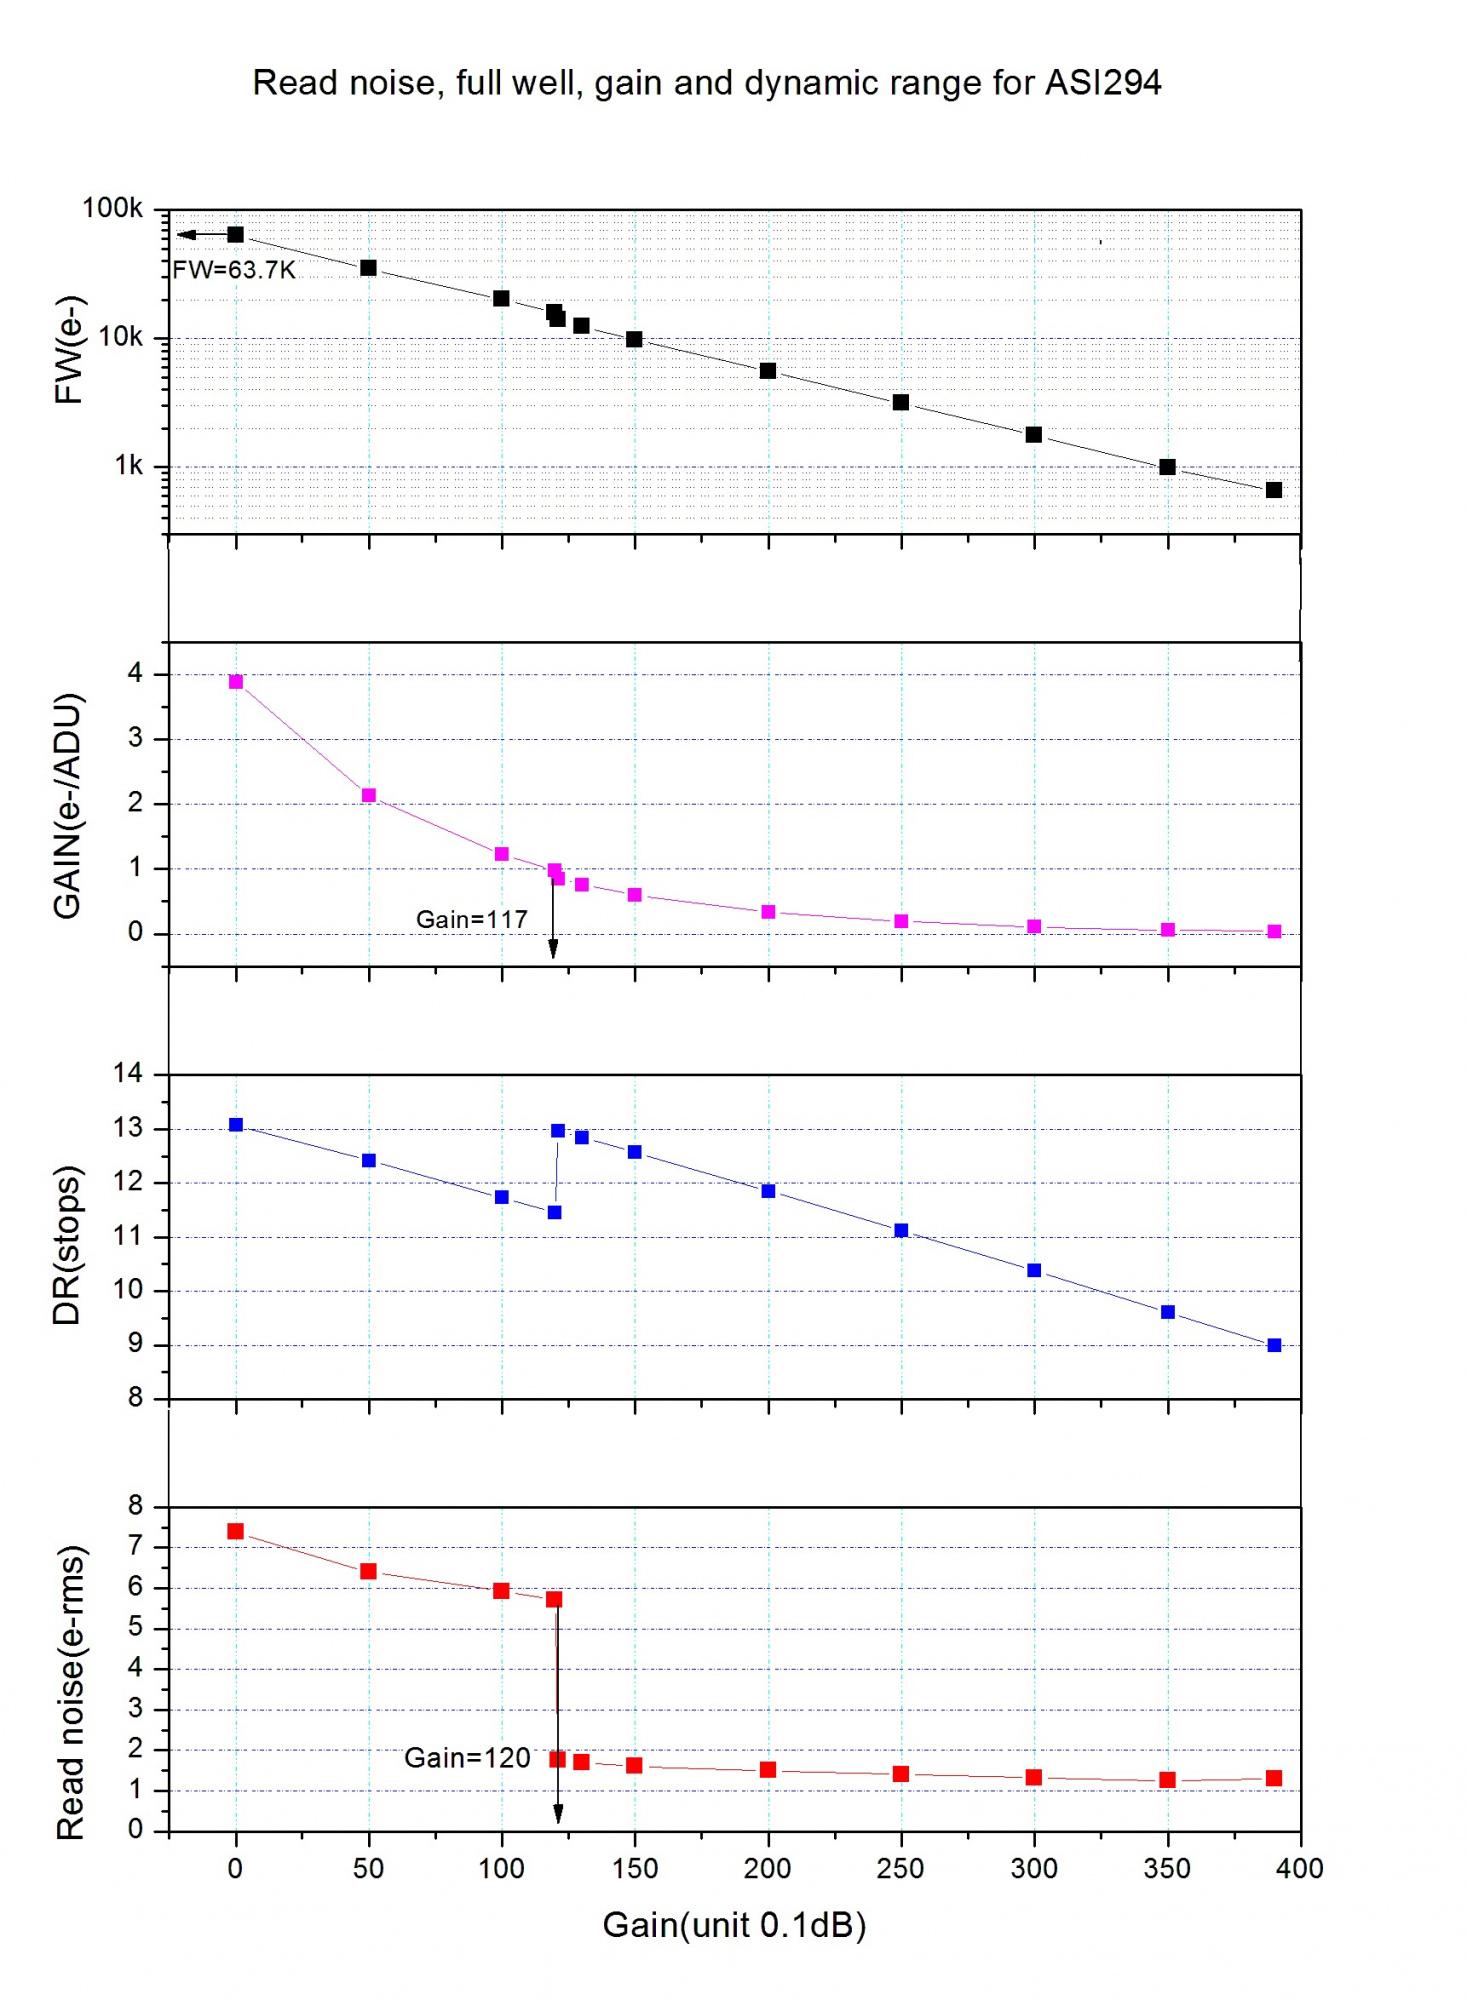 294-Gain-RN-DR-FW-vs-gain2.thumb.jpg.53d960495dd96ee3bb62e435c8bfab58.jpg